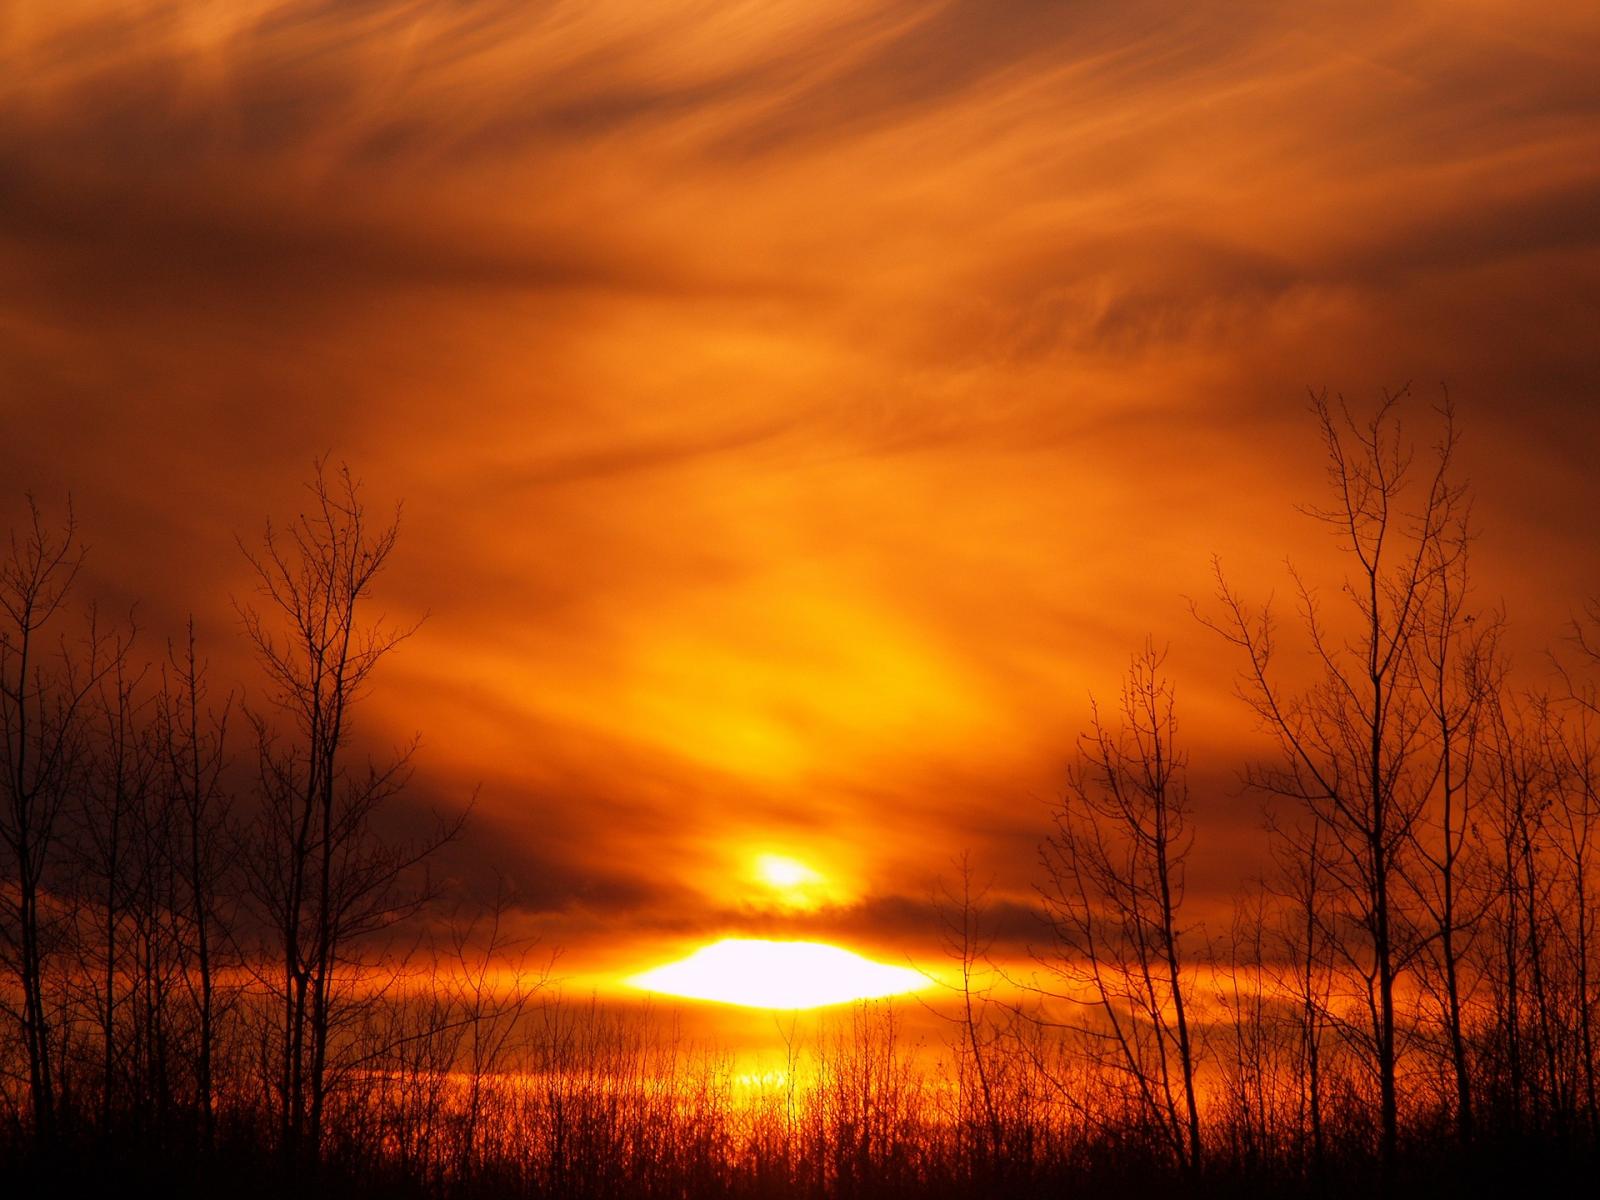 которые оранжевый рассвет фото болезнь, при